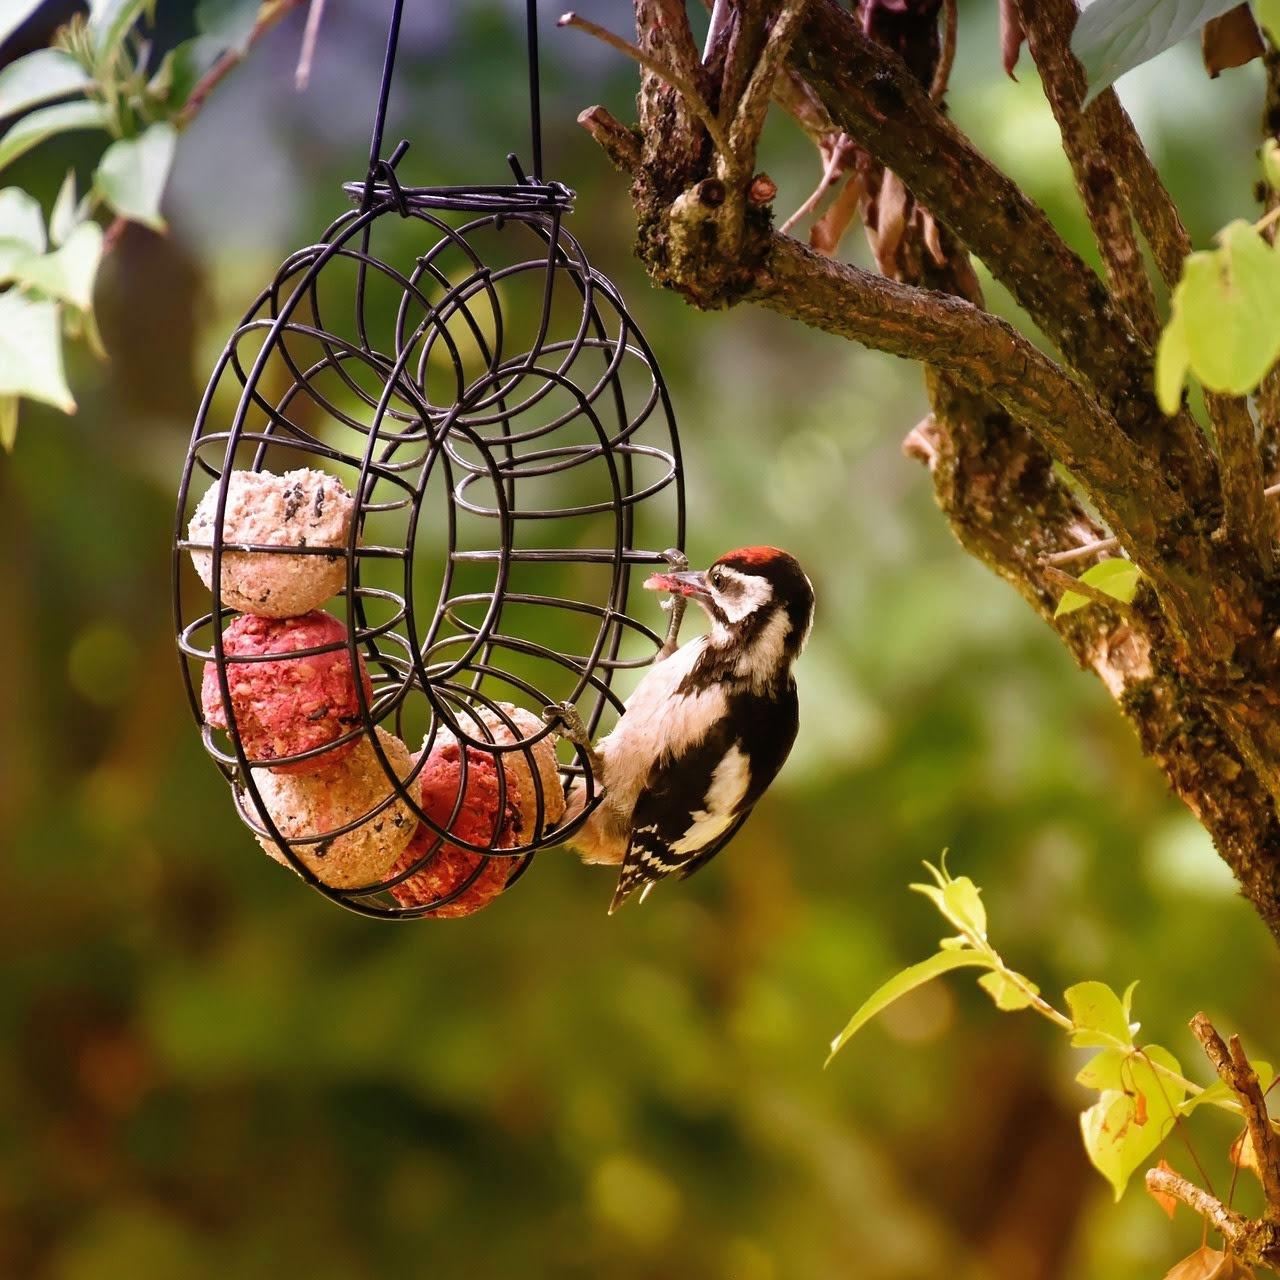 woodpecker-4330495_1920_1_